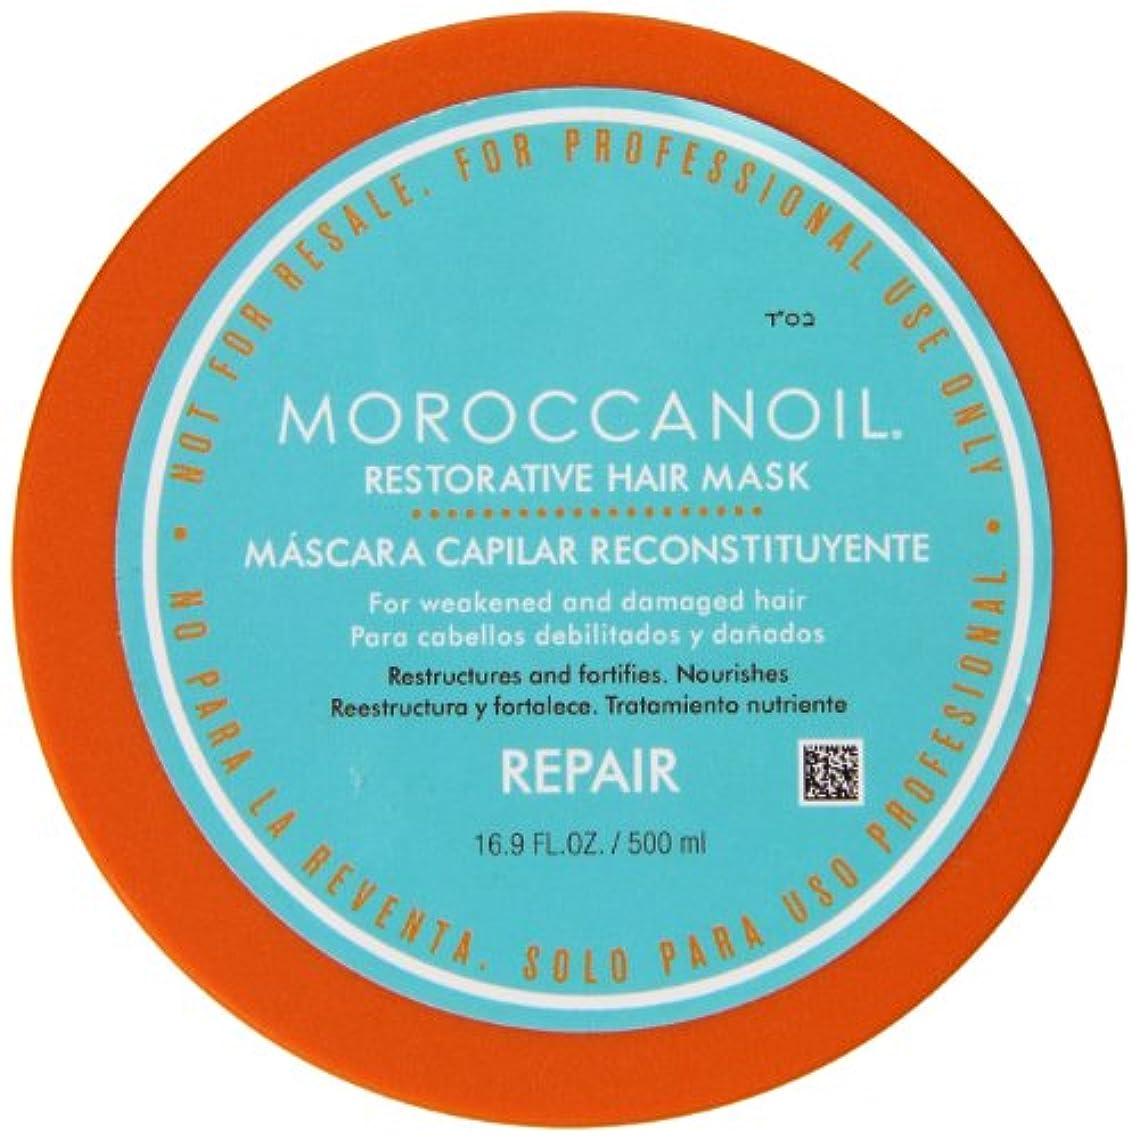 間違い抑圧誘発するモロッカンオイル リストラクティブ ヘア マスク (ダメージを受けた髪用) 500ml/16.9oz並行輸入品